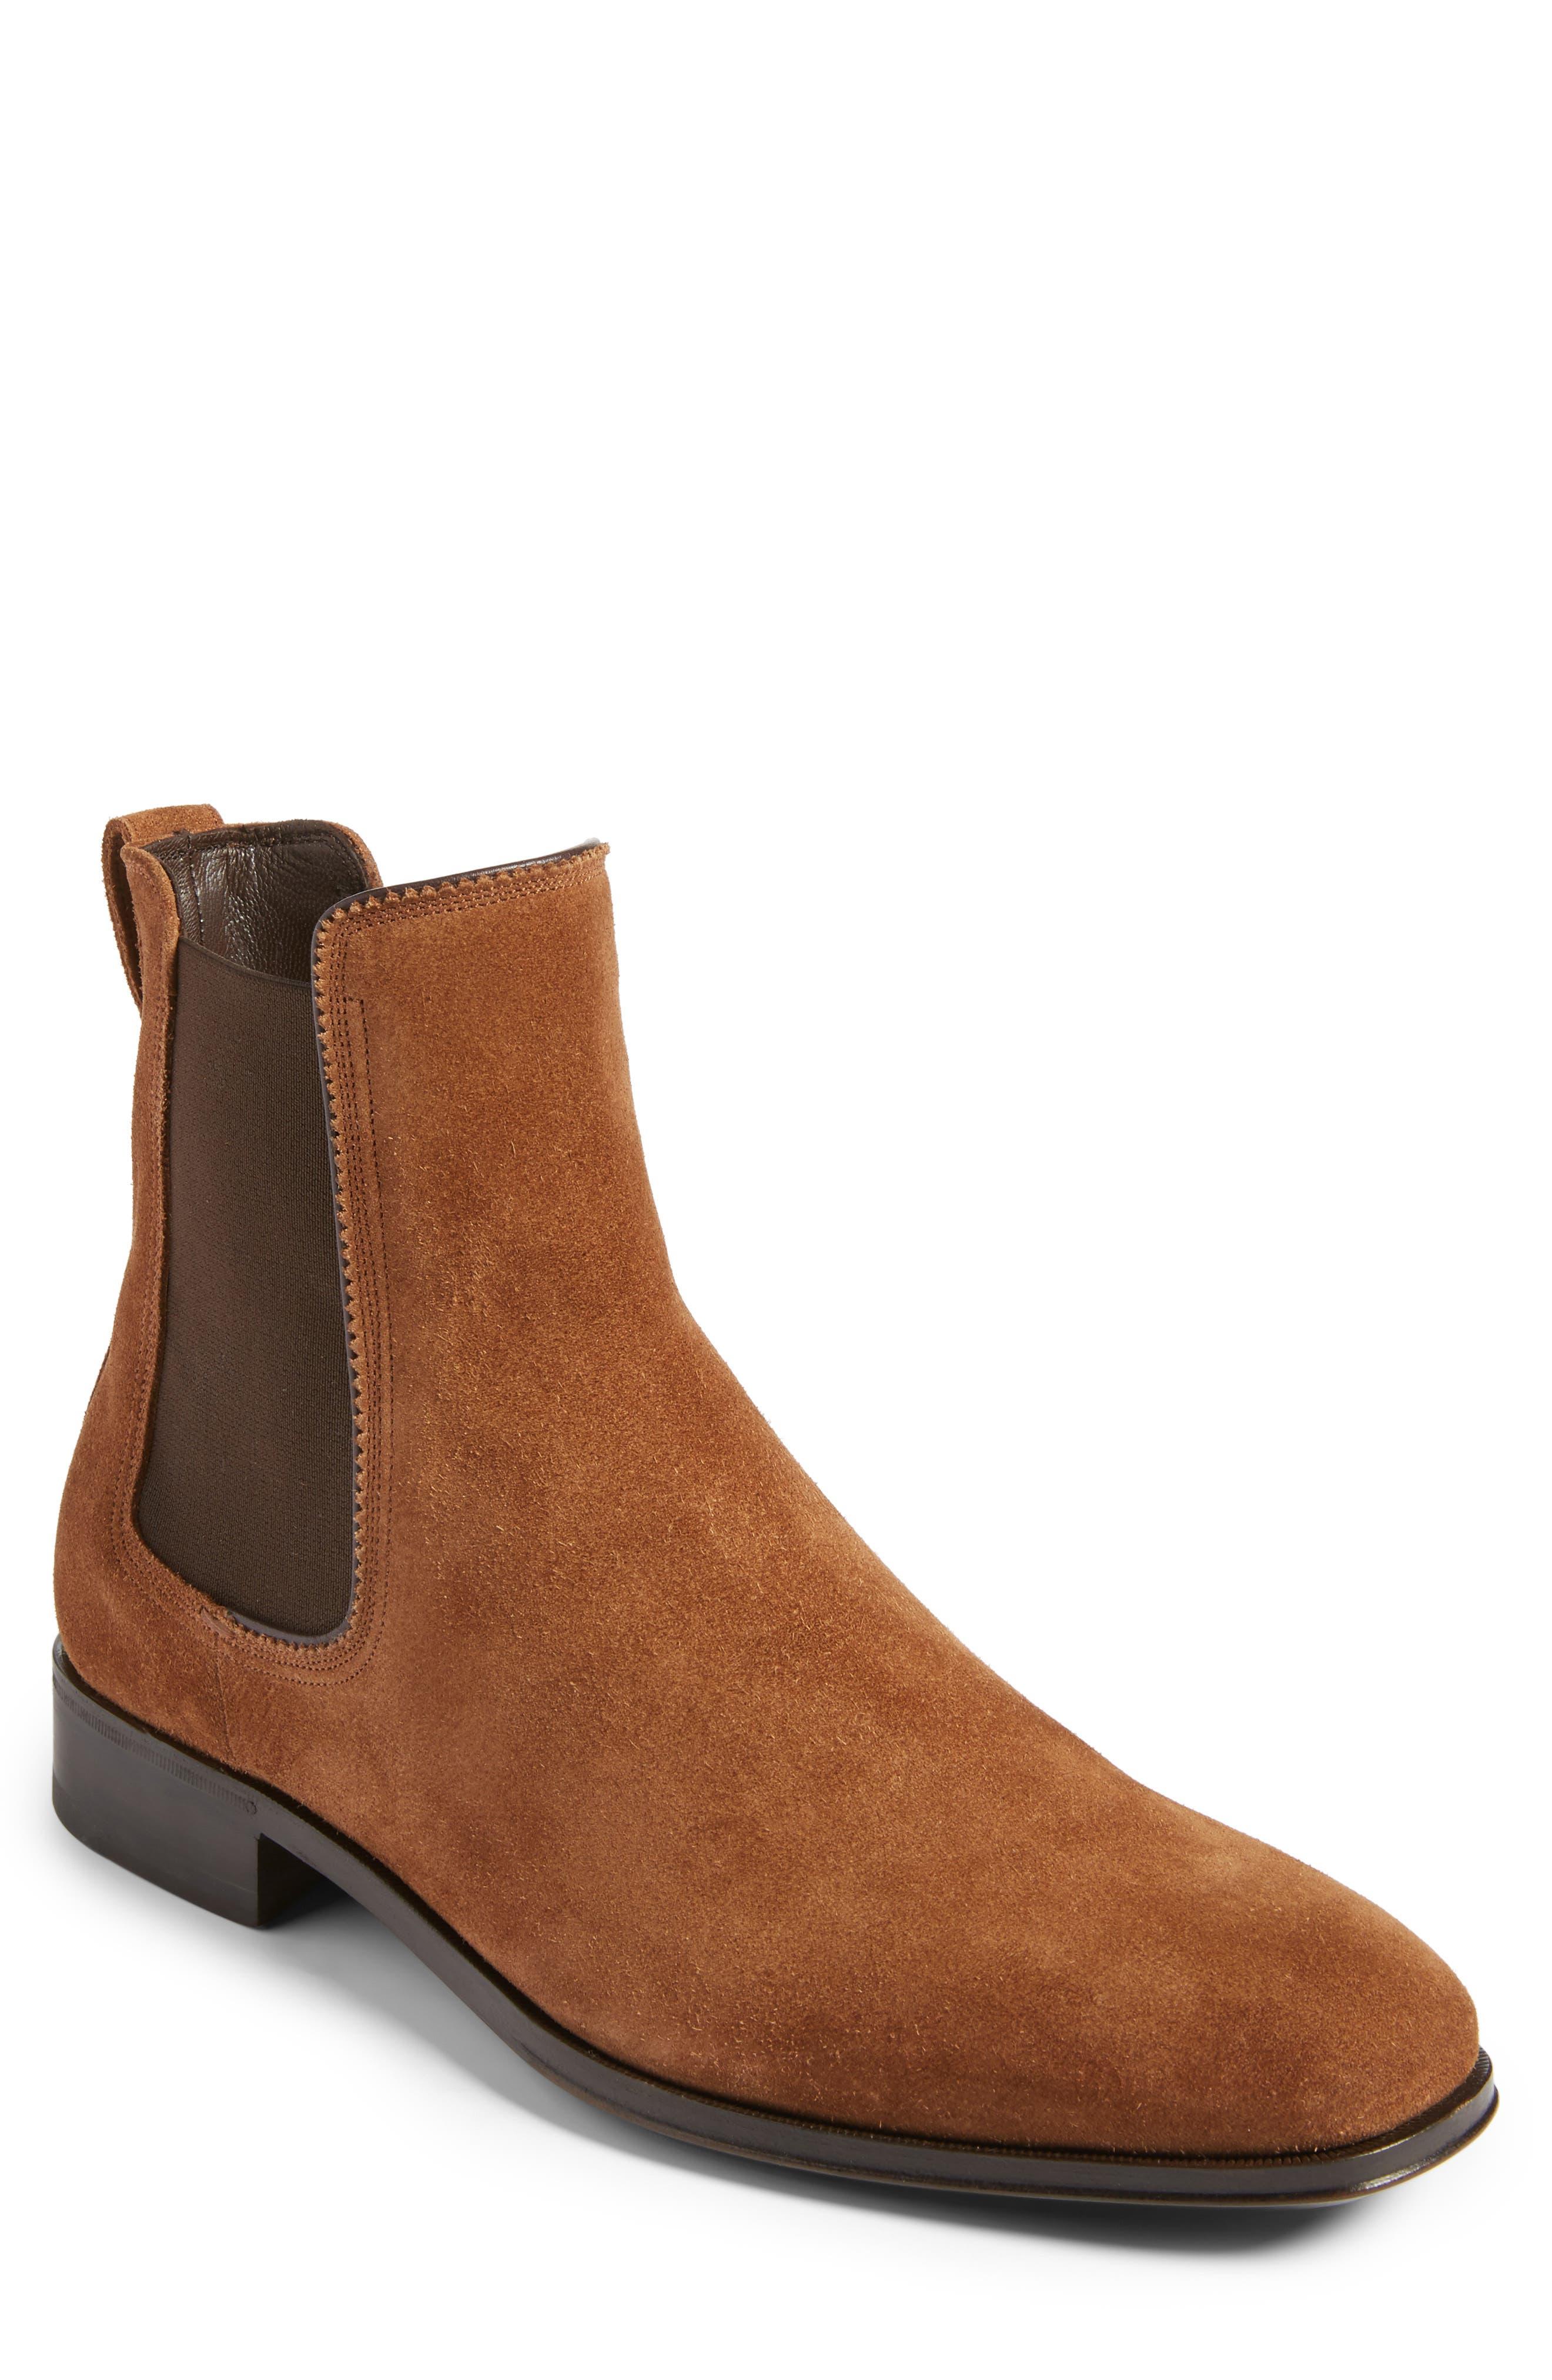 Darien Chelsea Boot,                         Main,                         color, 216